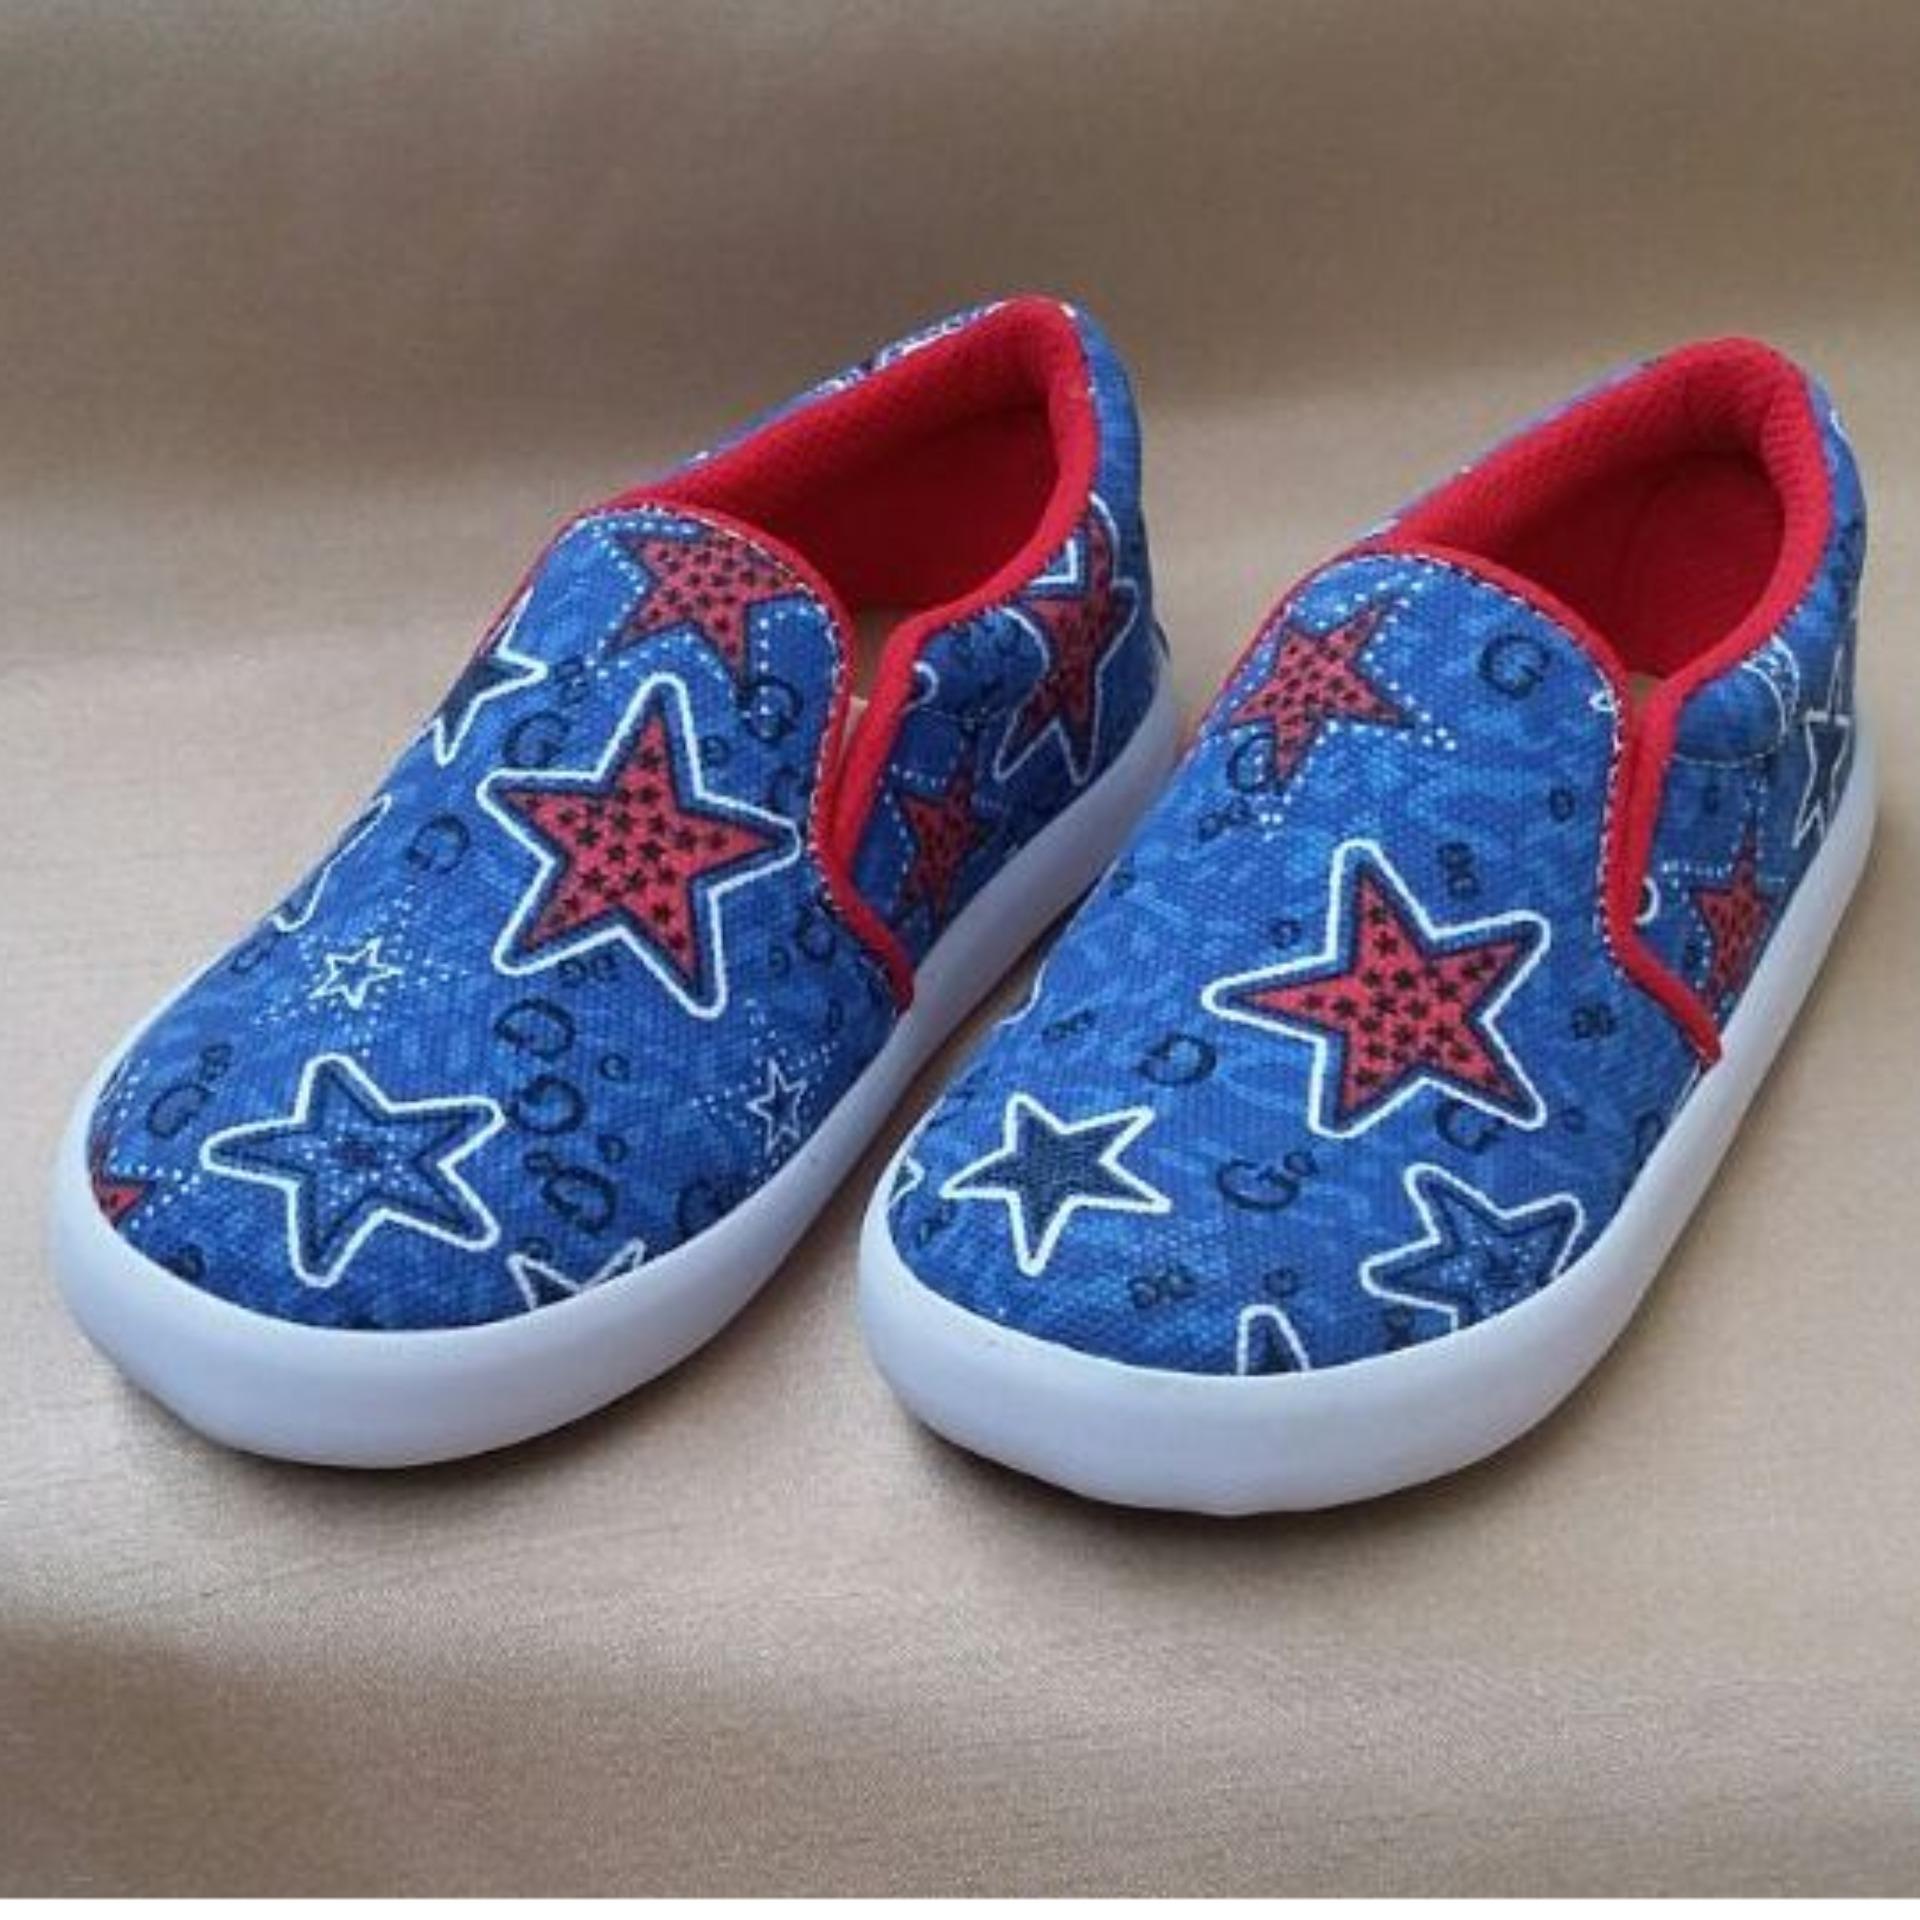 Promo Sepatu Anak Laki Laki Model Slip On Biru Merah Motif Bintang Biru Akhir Tahun